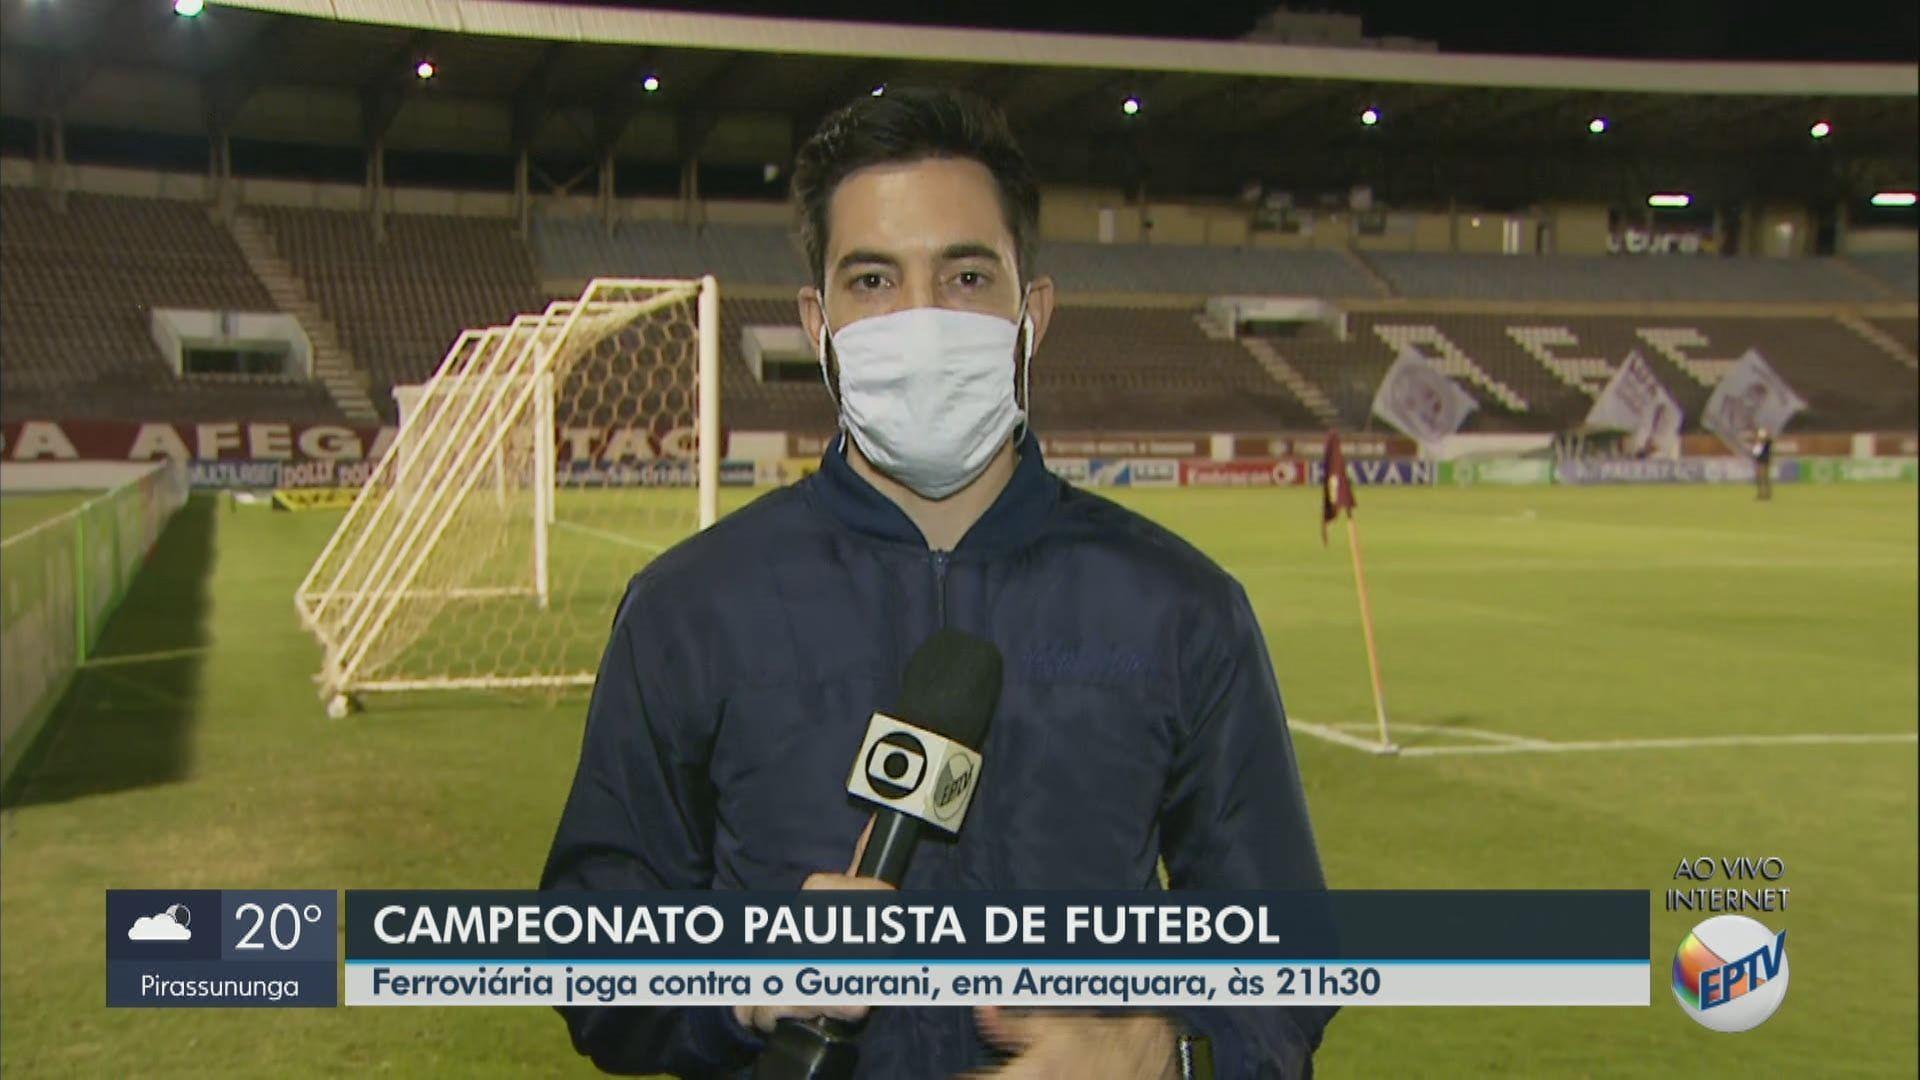 VÍDEOS: Reveja as reportagens do EPTV2 desta terça-feira, 20 de abril